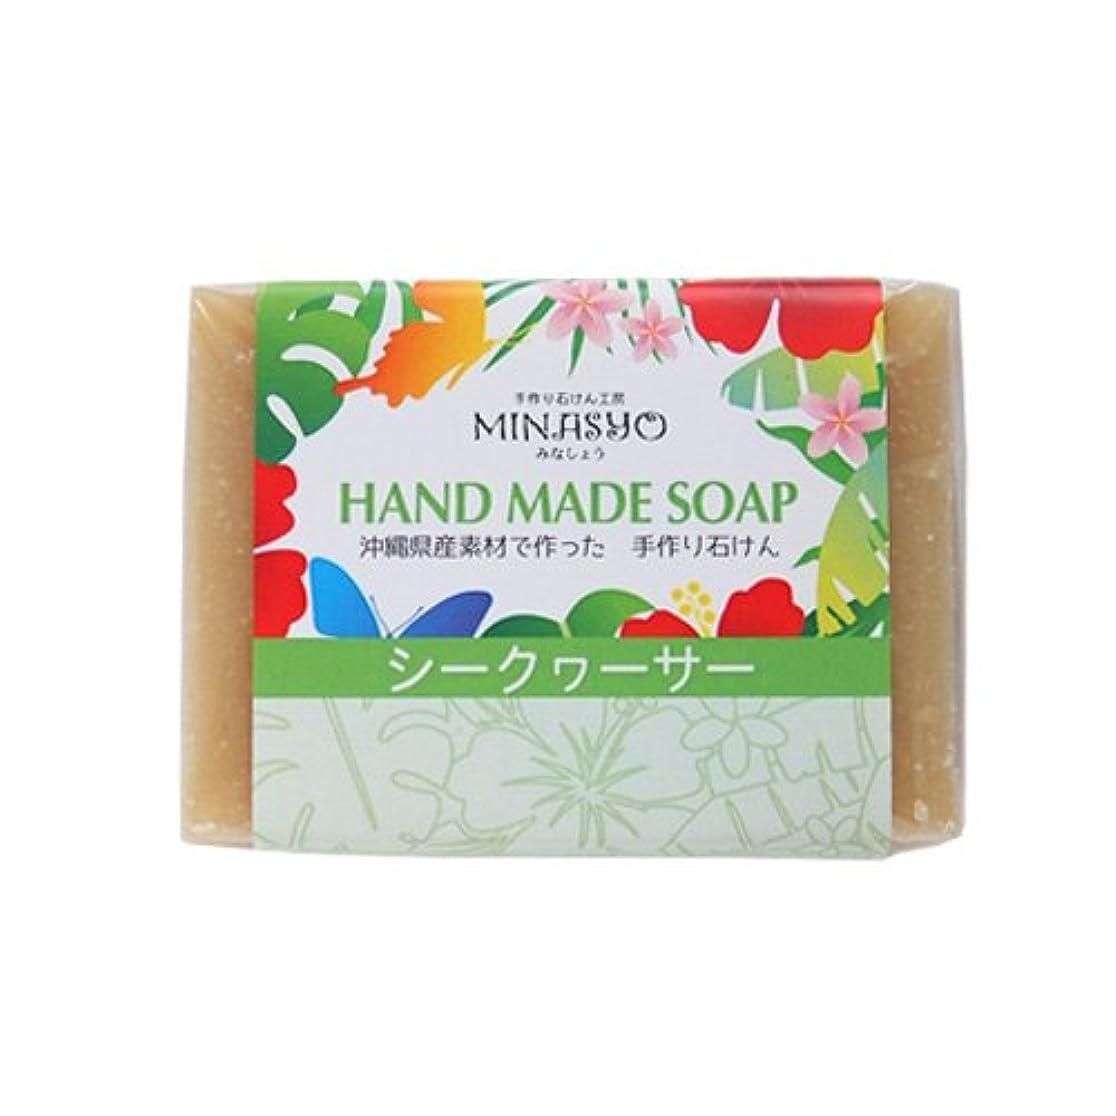 ラフ睡眠全滅させる素晴らしさ洗顔石鹸 無添加 固形ハンドソープ ボディソープ 手作りシークワーサー石鹸